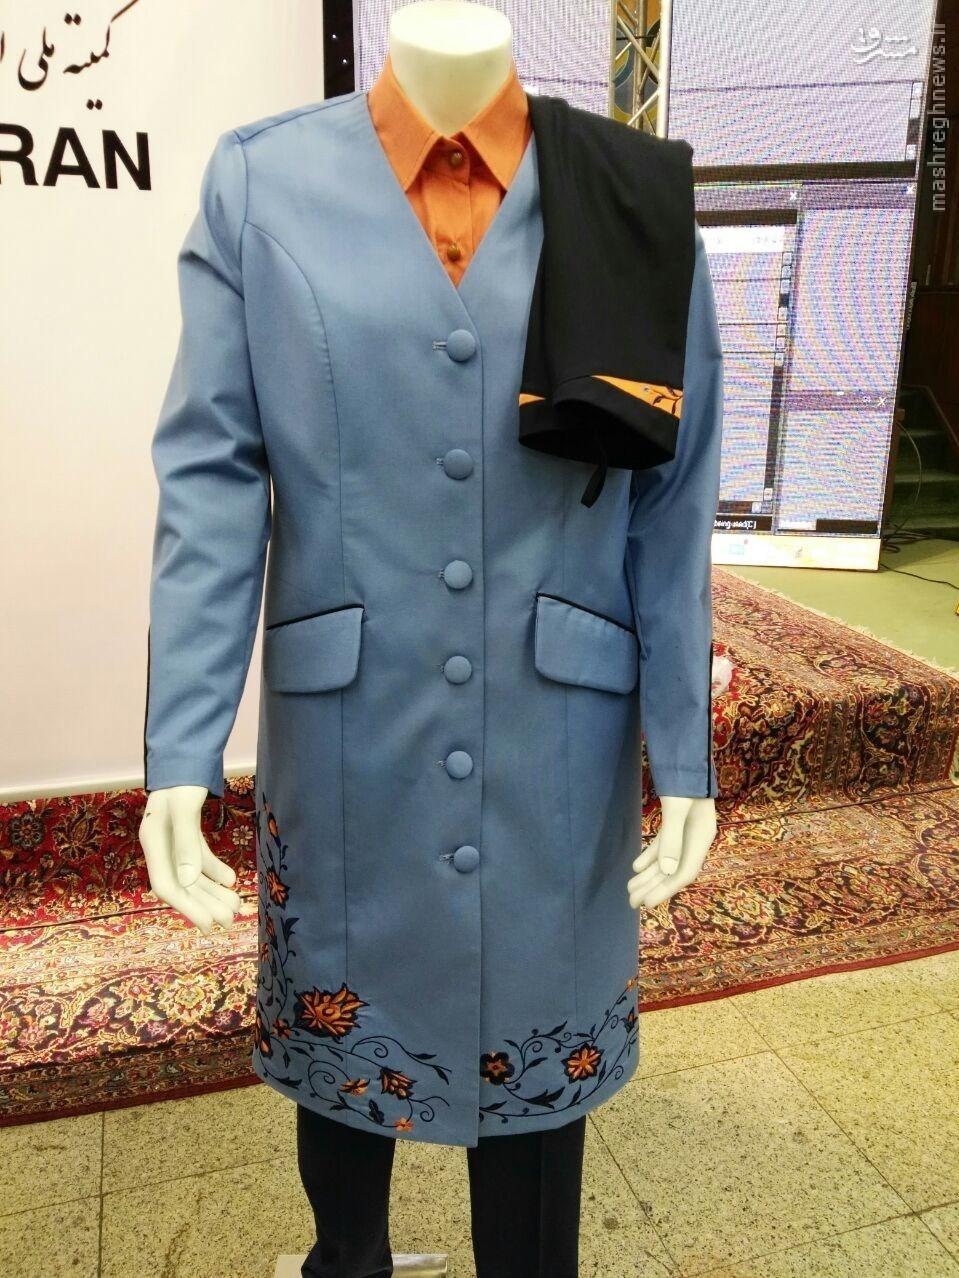 رونمایی از لباس کاروان ایران در المپیک ریو + تصاویر